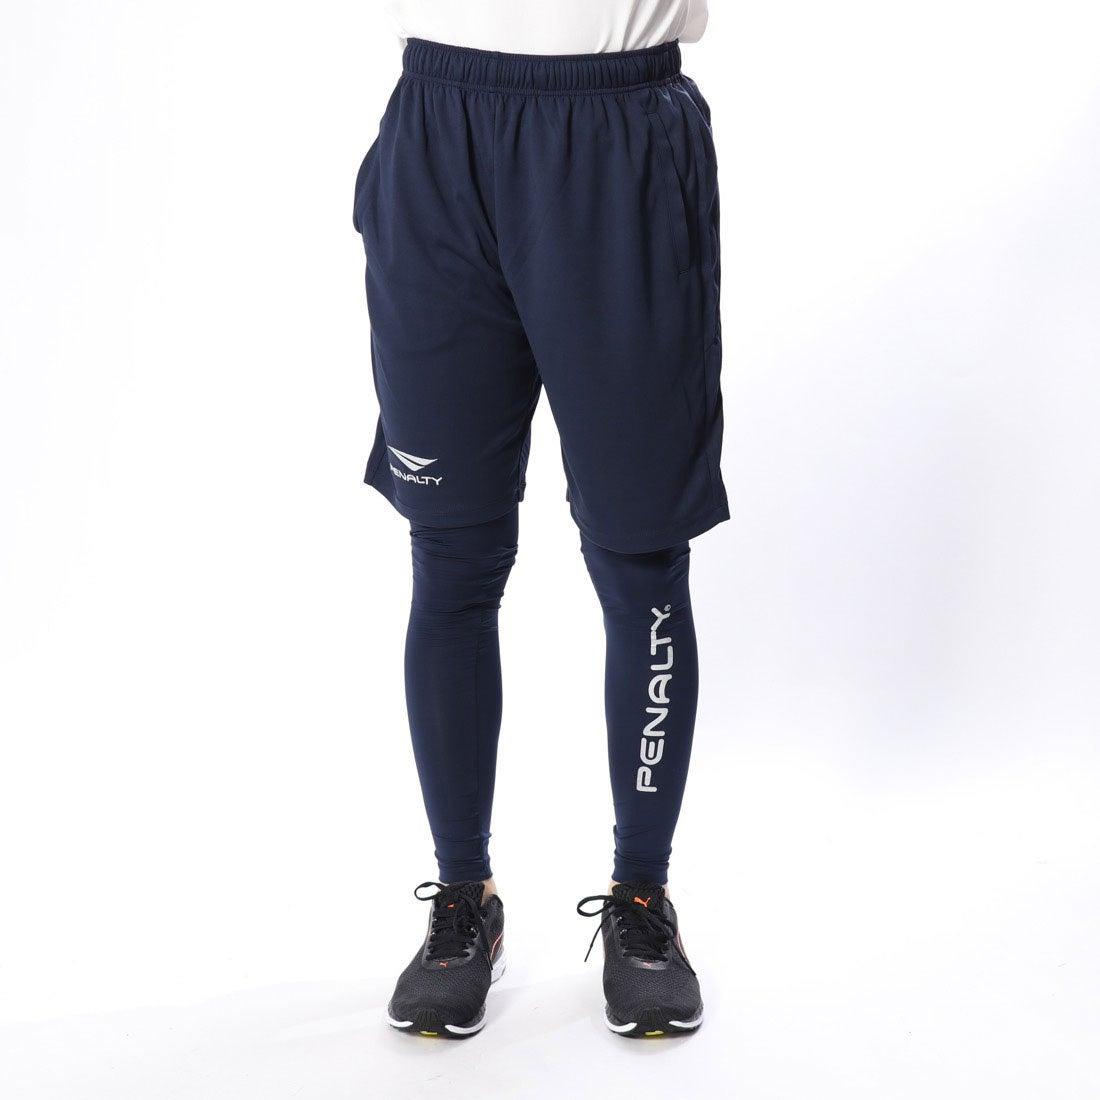 ロコンド 靴とファッションの通販サイトペナルティ PENALTY サッカー/フットサル レイヤードパンツ プラパンツ・インナーセット PP8113